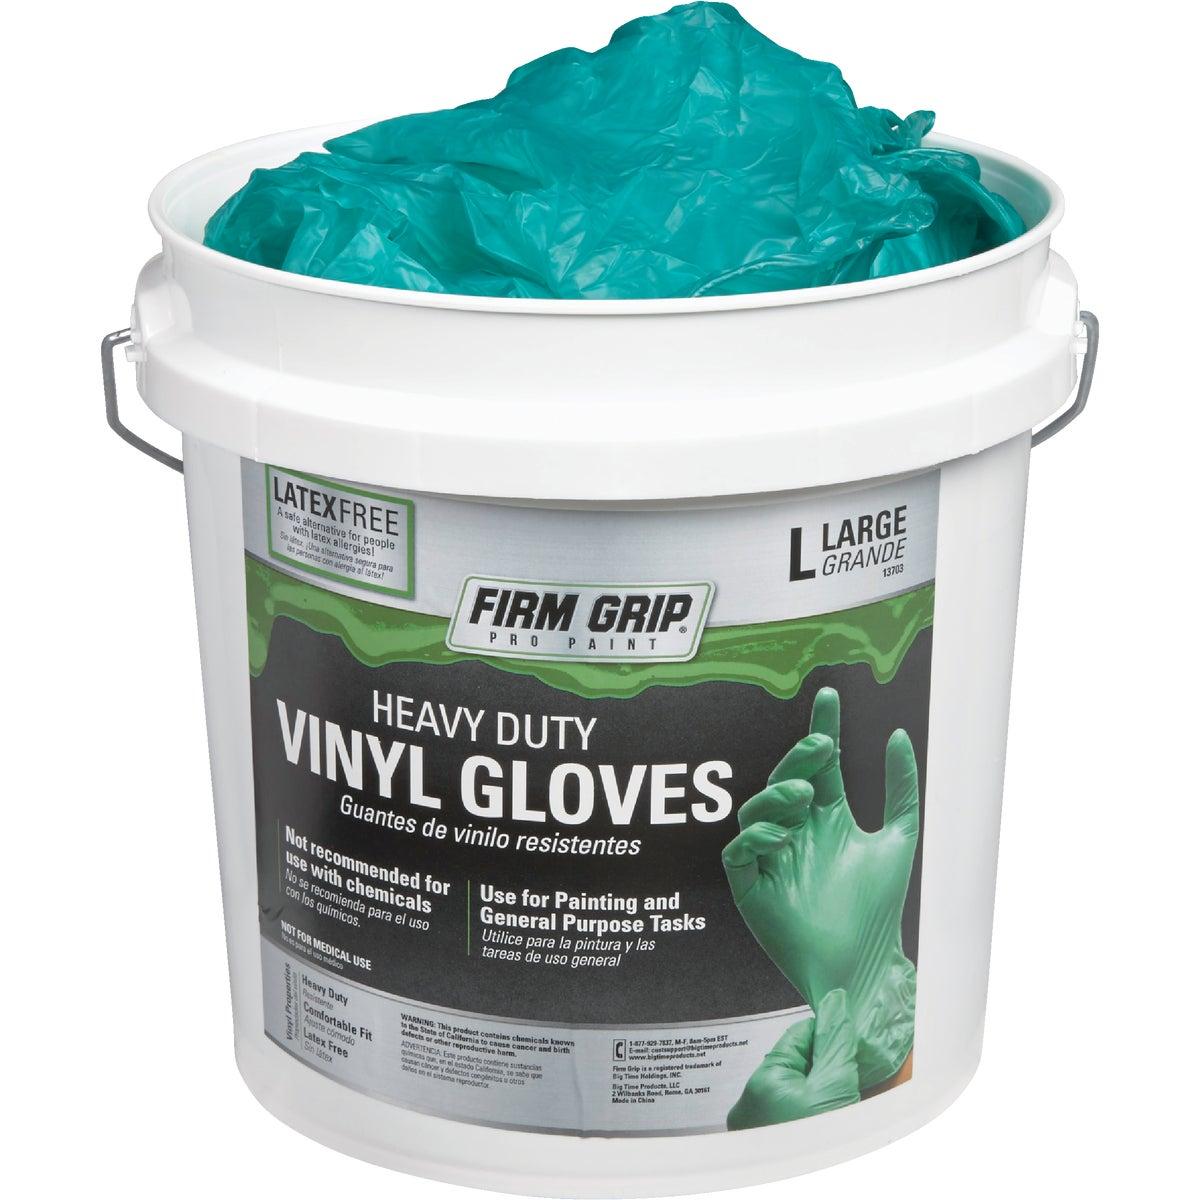 Intex Supply Co. BLUE VINYL GLOVES SG300G